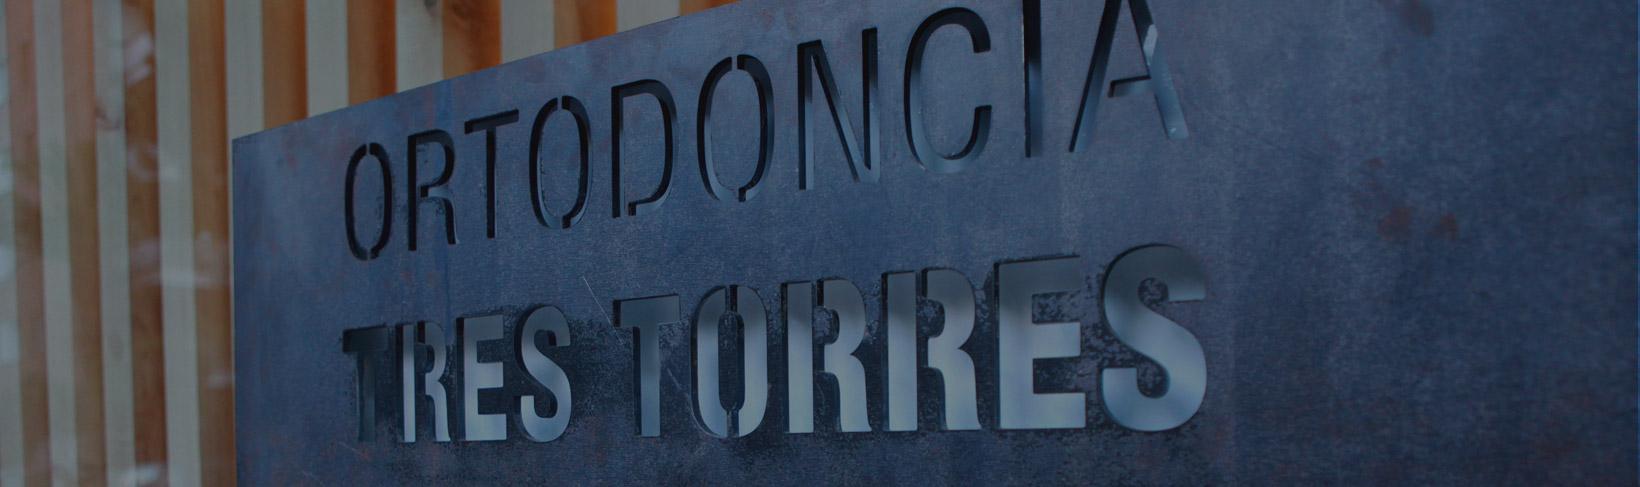 invisalign ortodoncia tres torres Barcelona rótulo exterior